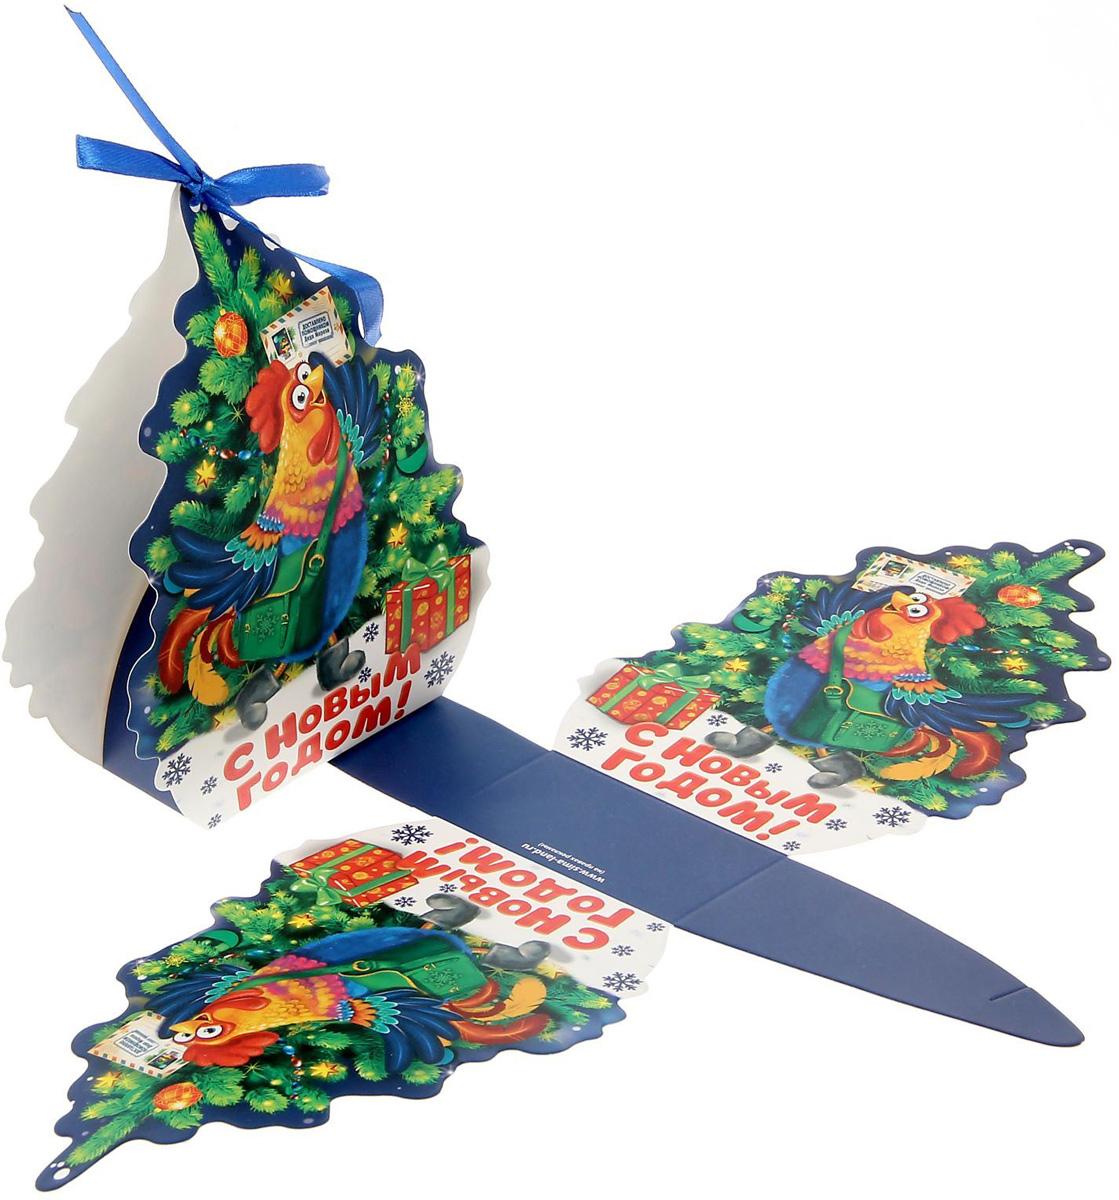 Коробка сборная фигурная Sima-land Посылка от Деда Мороза, 6,7 х 6 х 3,6 см1371659Любой подарок начинается с упаковки. Что может быть трогательнее и волшебнее, чем ритуал разворачивания полученного презента. И именно оригинальная, со вкусом выбранная упаковка выделит ваш подарок из массы других. Подарочная коробка Sima-land продемонстрирует самые теплые чувства к виновнику торжества и создаст сказочную атмосферу праздника.